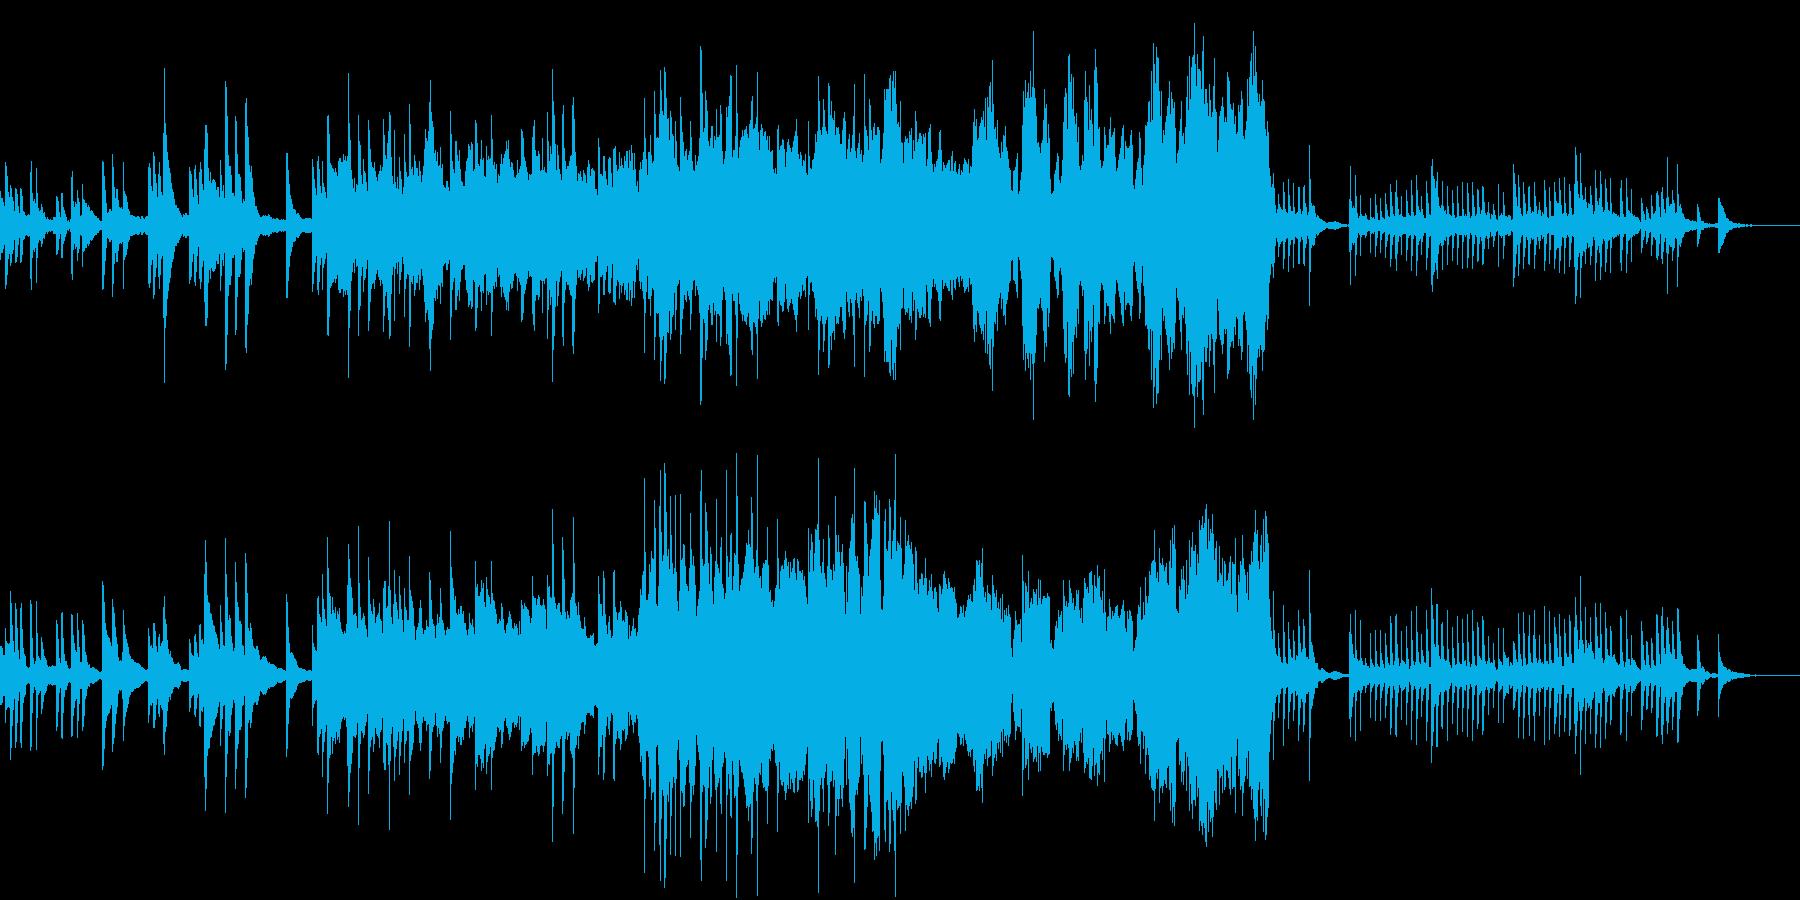 時間の移ろいを感じる穏やかなピアノBGMの再生済みの波形